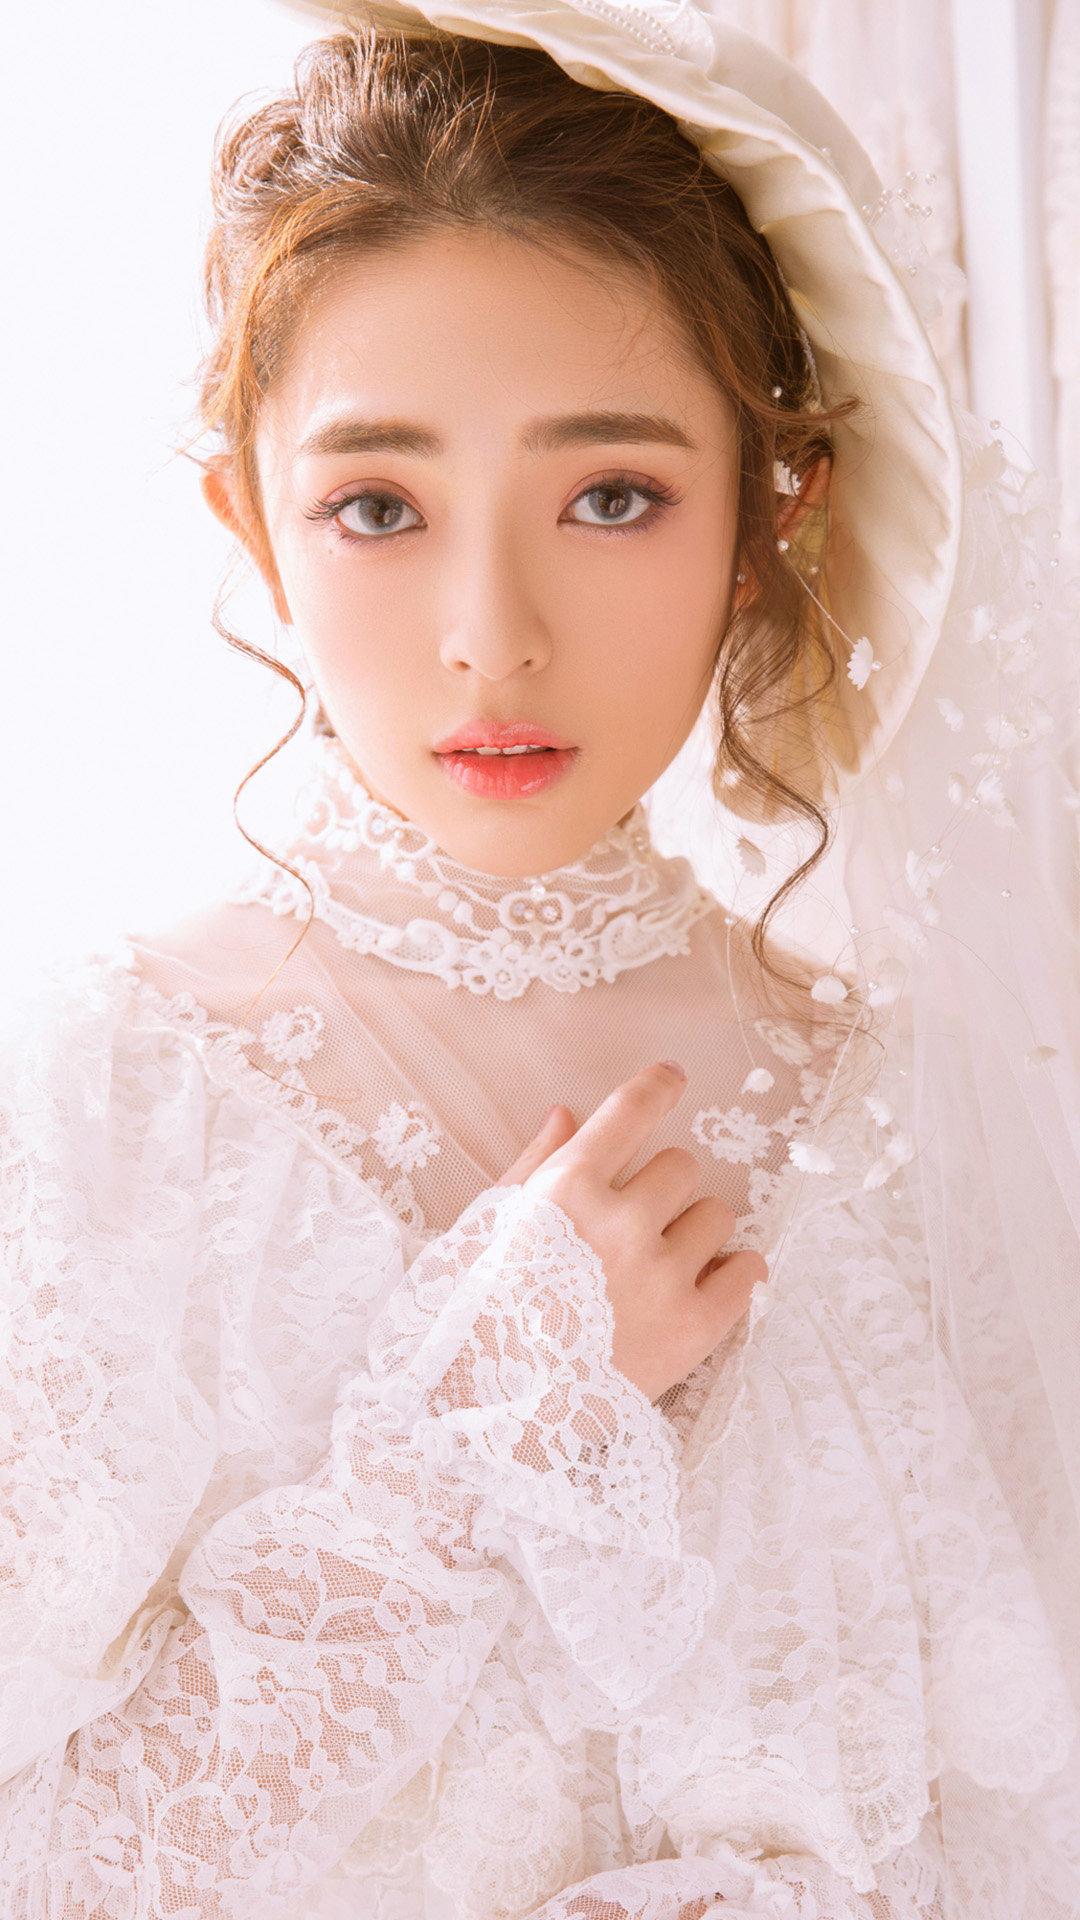 迪丽热巴婚纱造型,太美了!穿婚纱的女人真的都好美